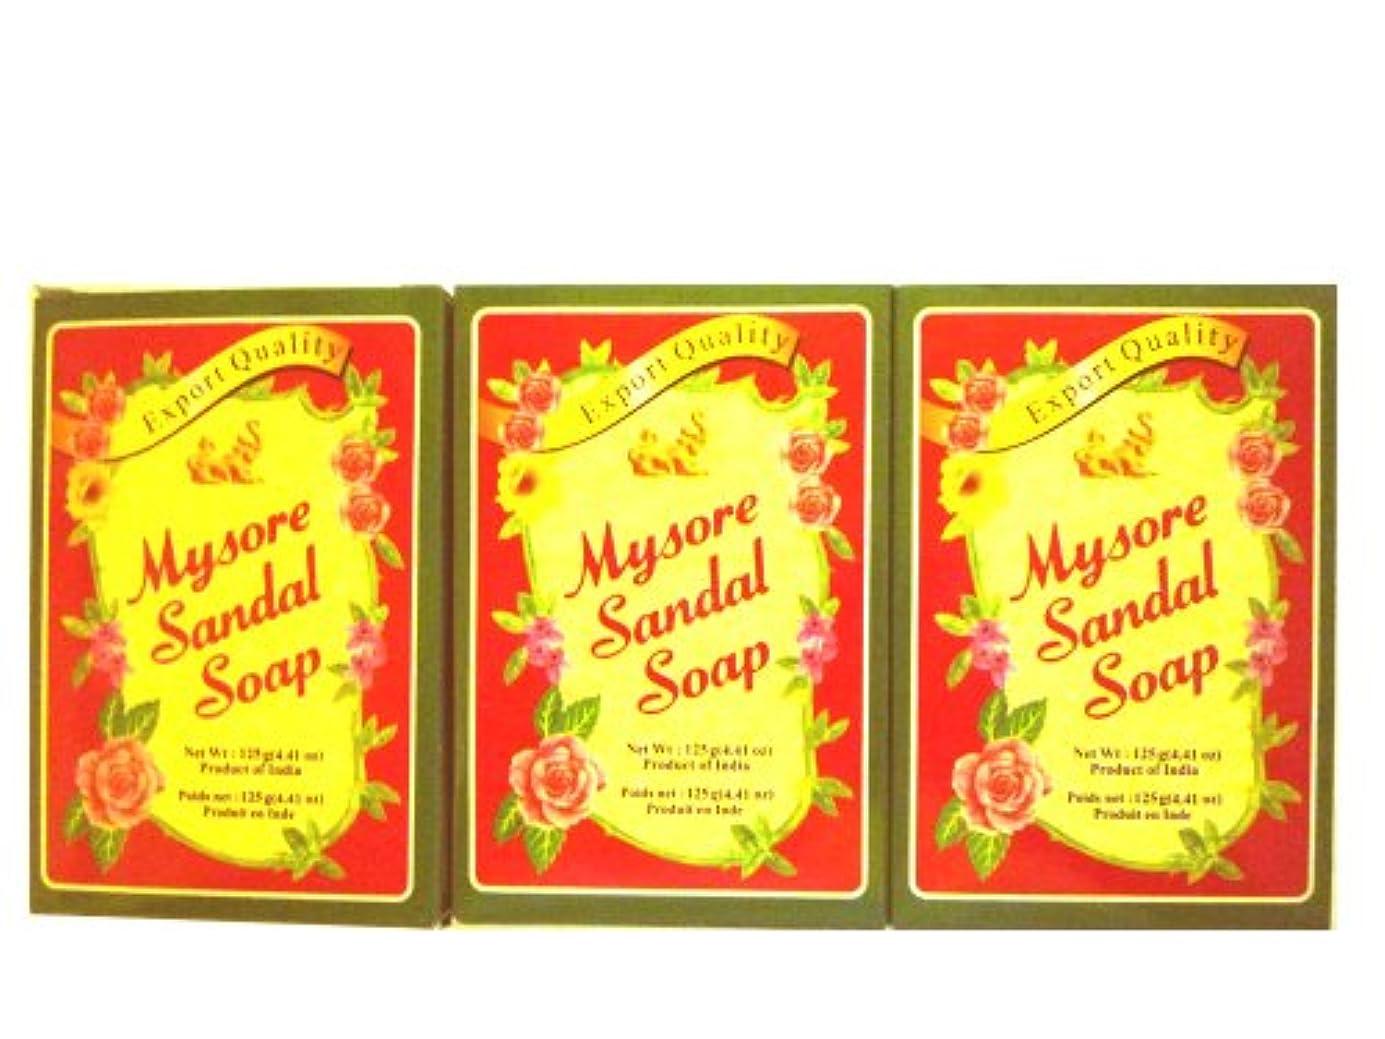 マニフェスト意味する高価な高純度白檀油配合 マイソール サンダルソープ 125g 3個セット